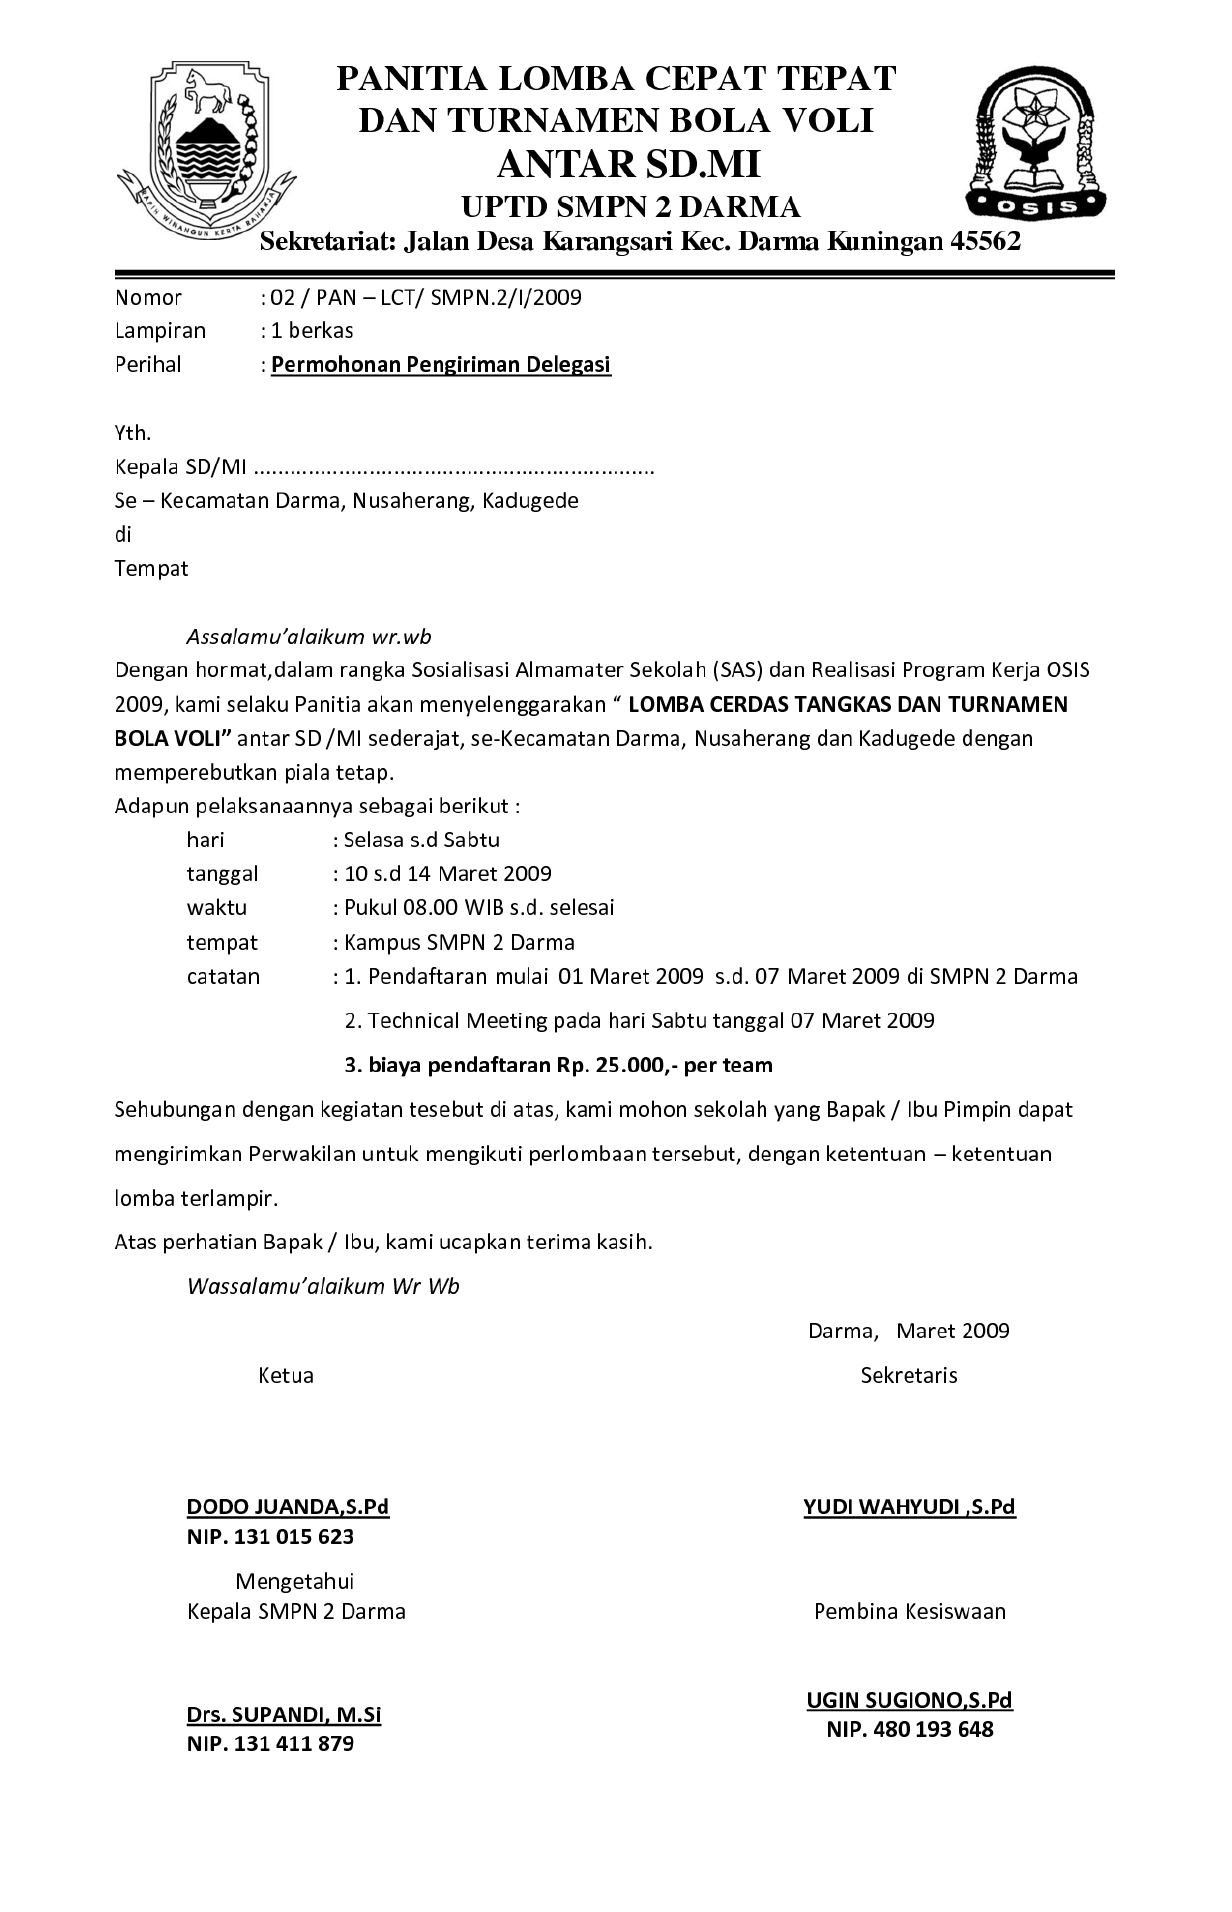 1. Contoh Surat Pemberitahuan Kegiatan 2